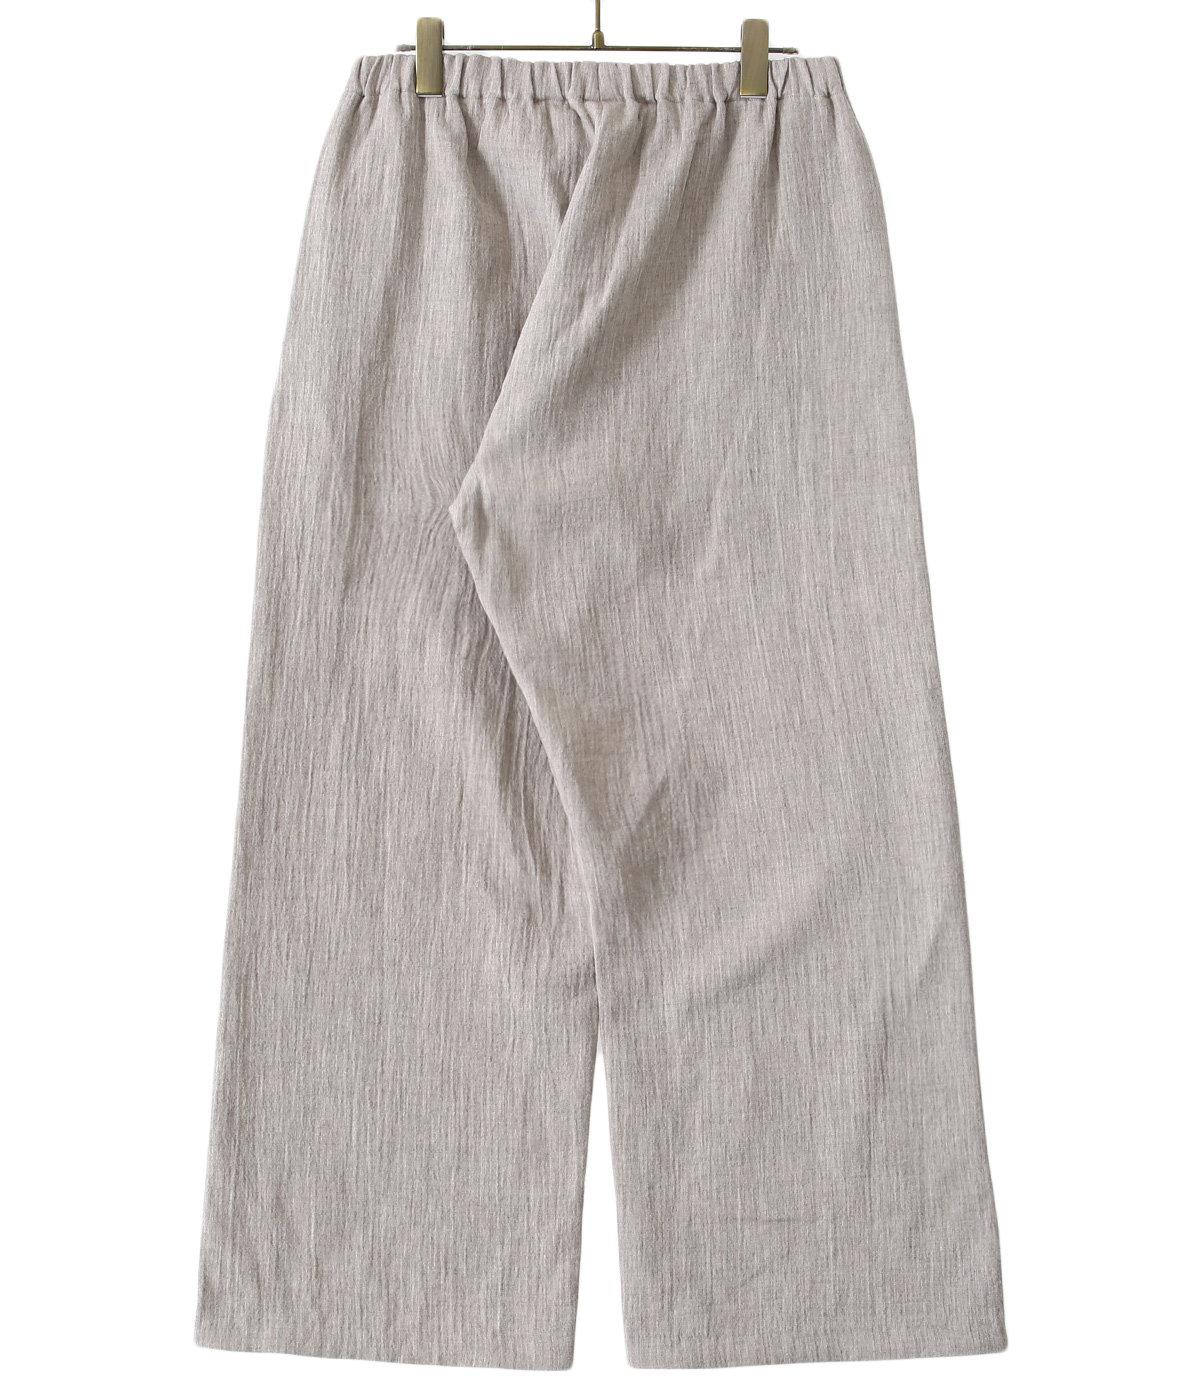 パジャマパンツ - 51606 -